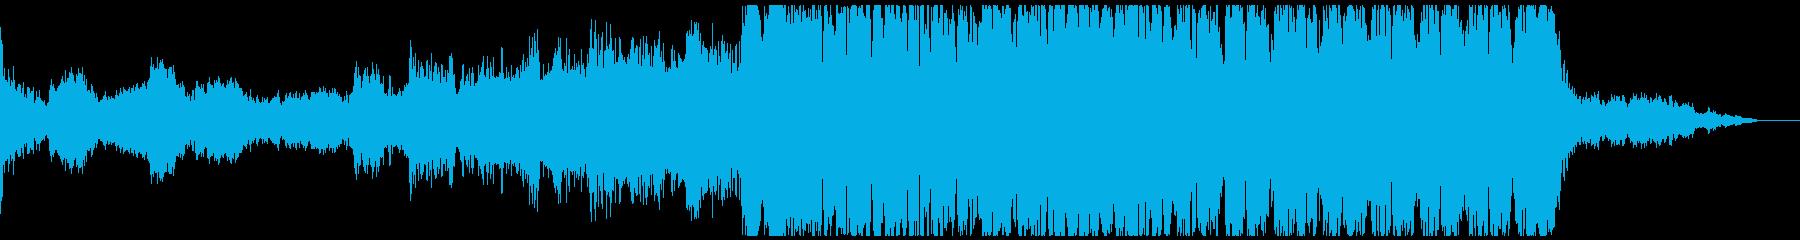 おしゃれ系ダブステップの再生済みの波形